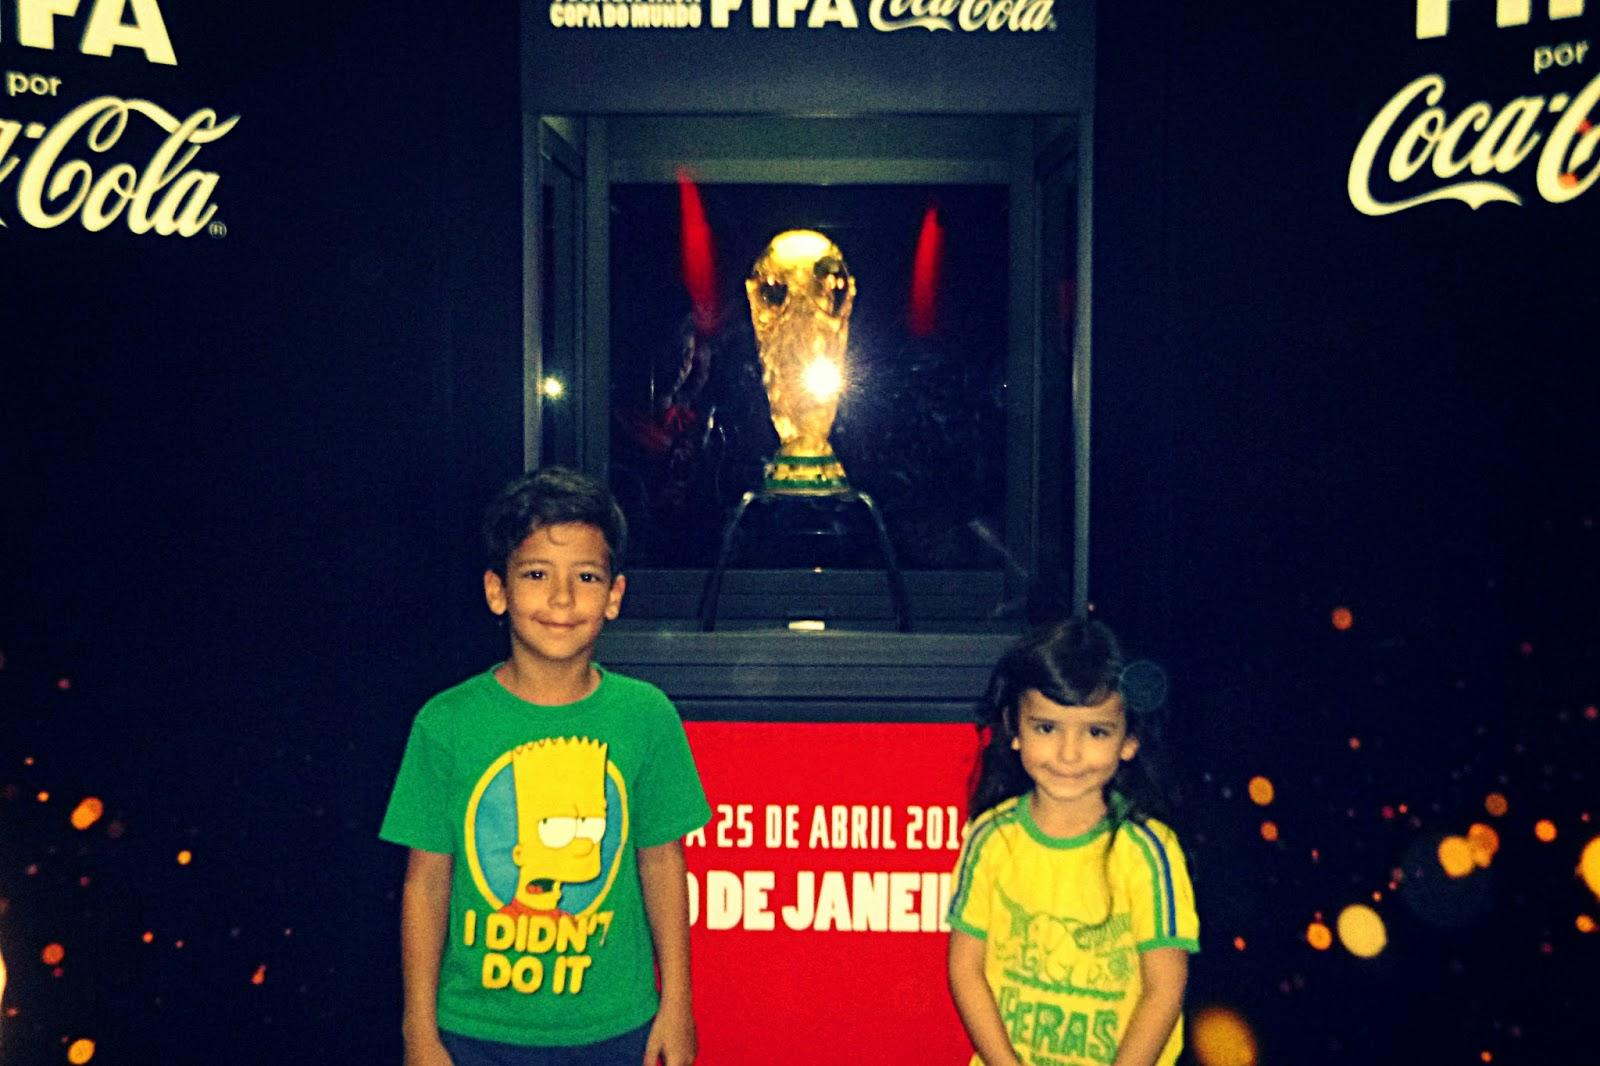 Visitando a Taça no Maracanã